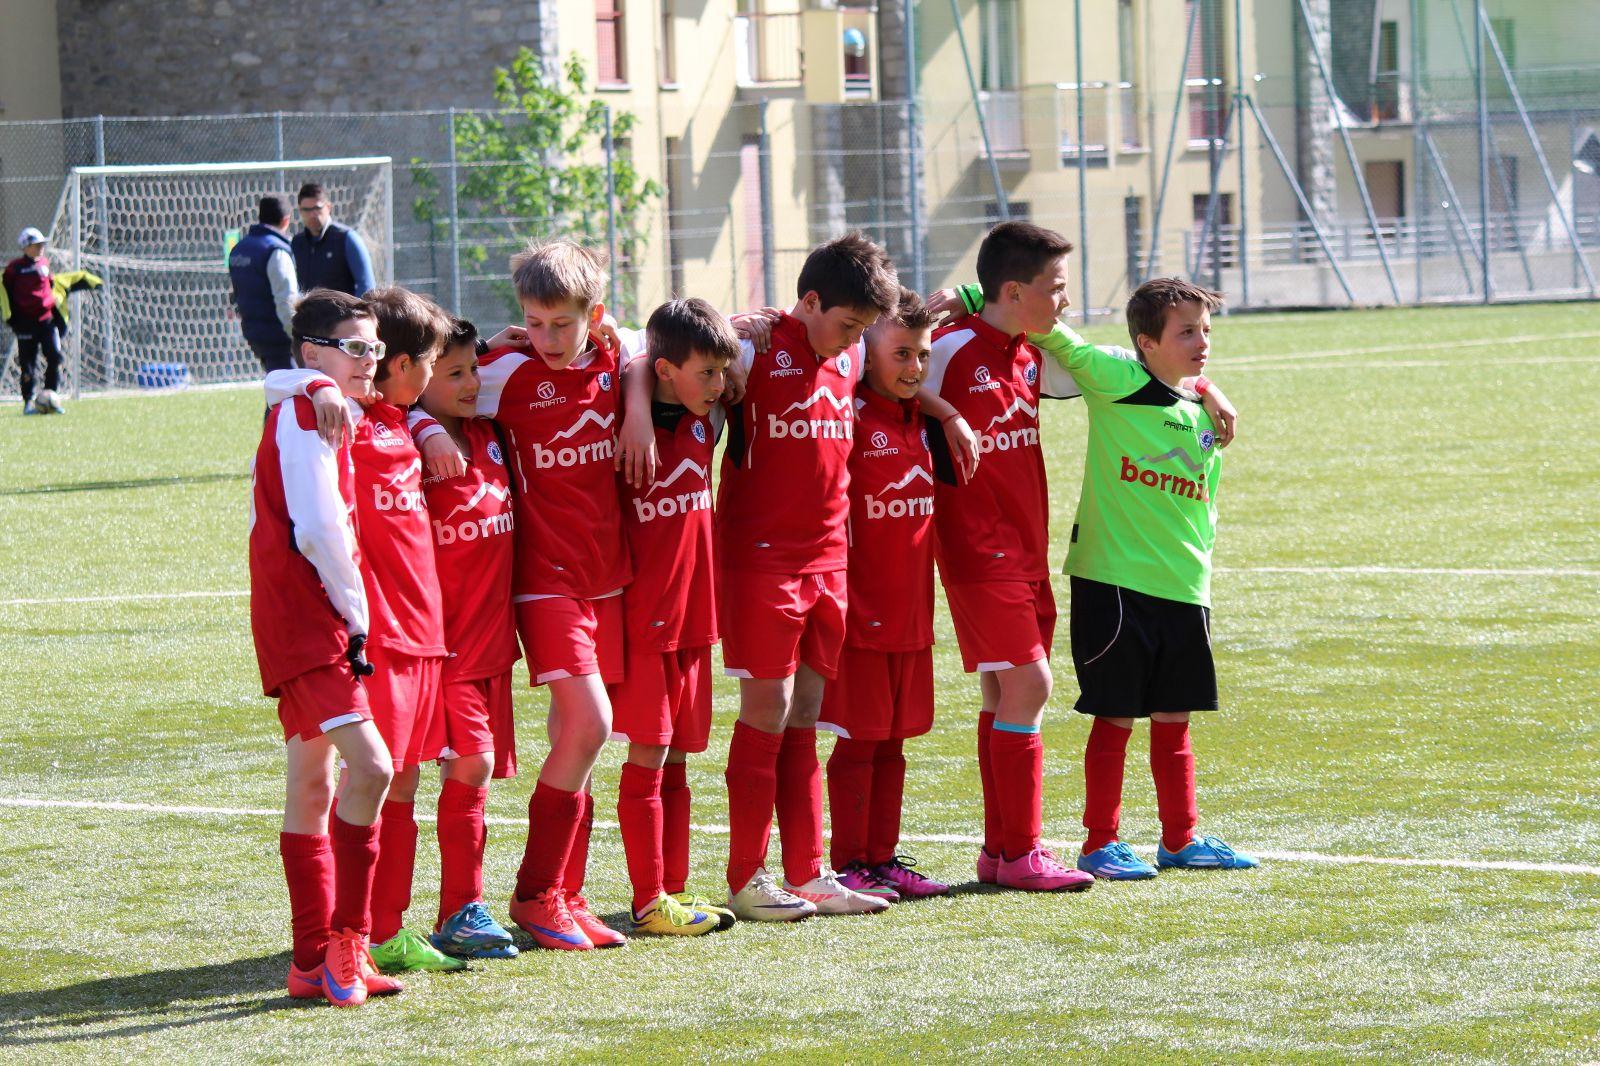 Vivai Di Calcio : Calcio giovanile a anni dal vivaio della sanremese alla